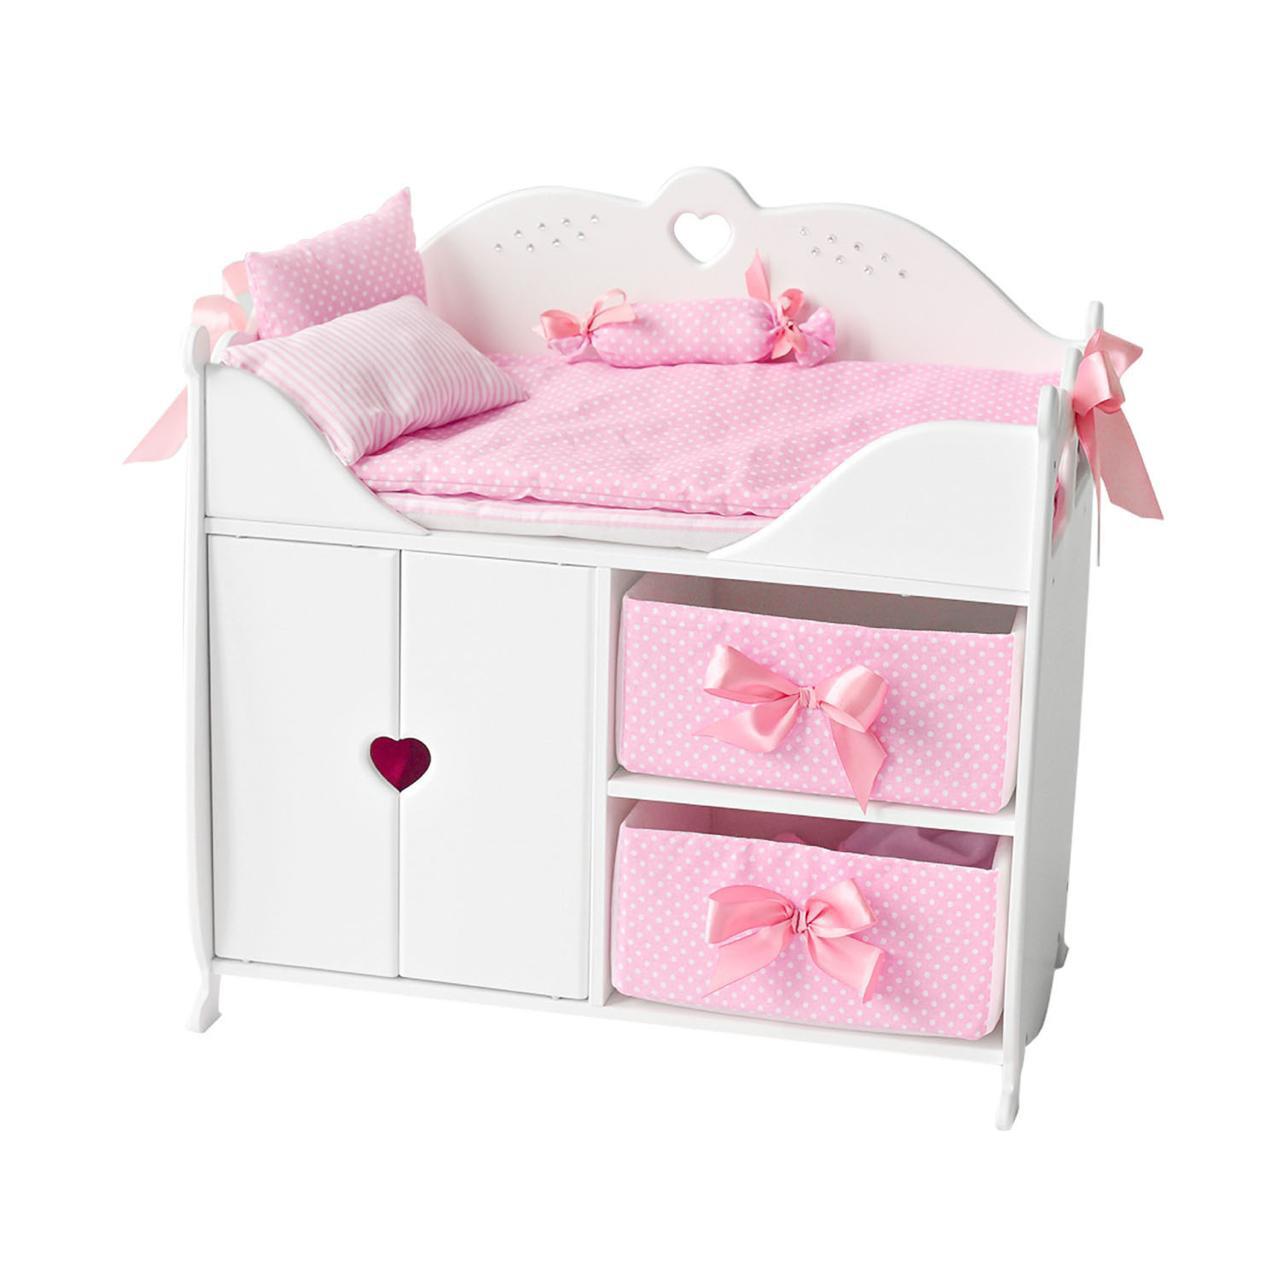 Гардероб с кроватью для кукол до 45 см (постельное белье в комплекте)